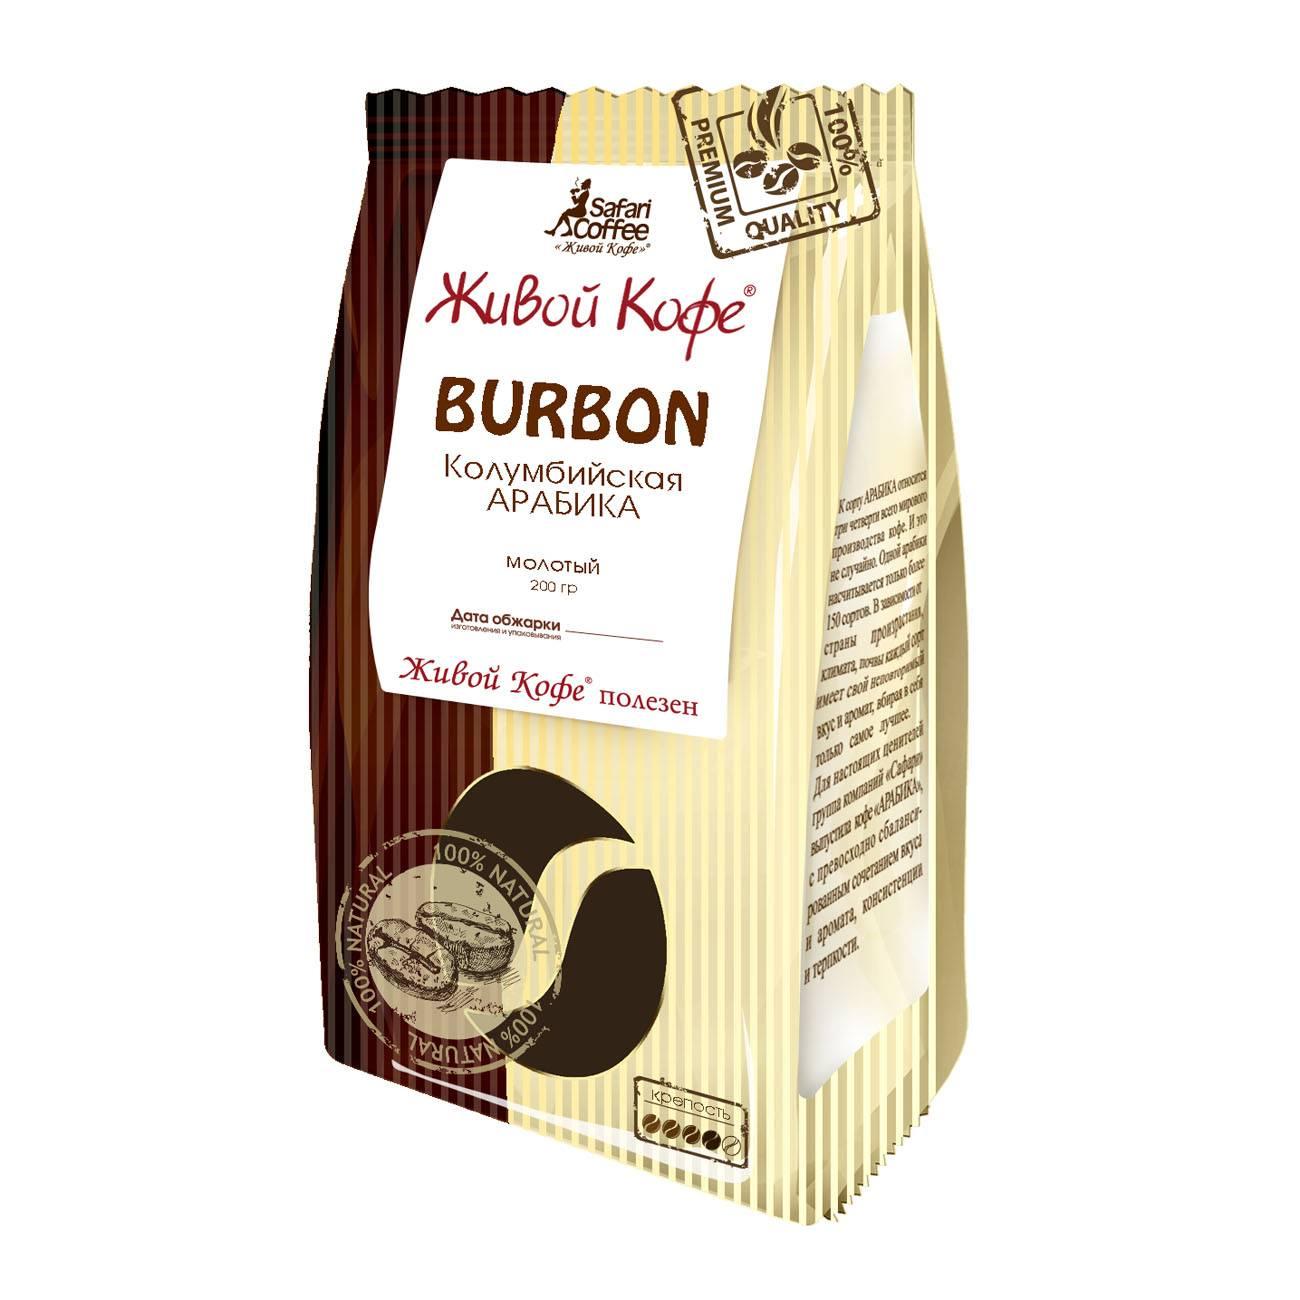 Как выбрать кофе. лучшие сорта кофе